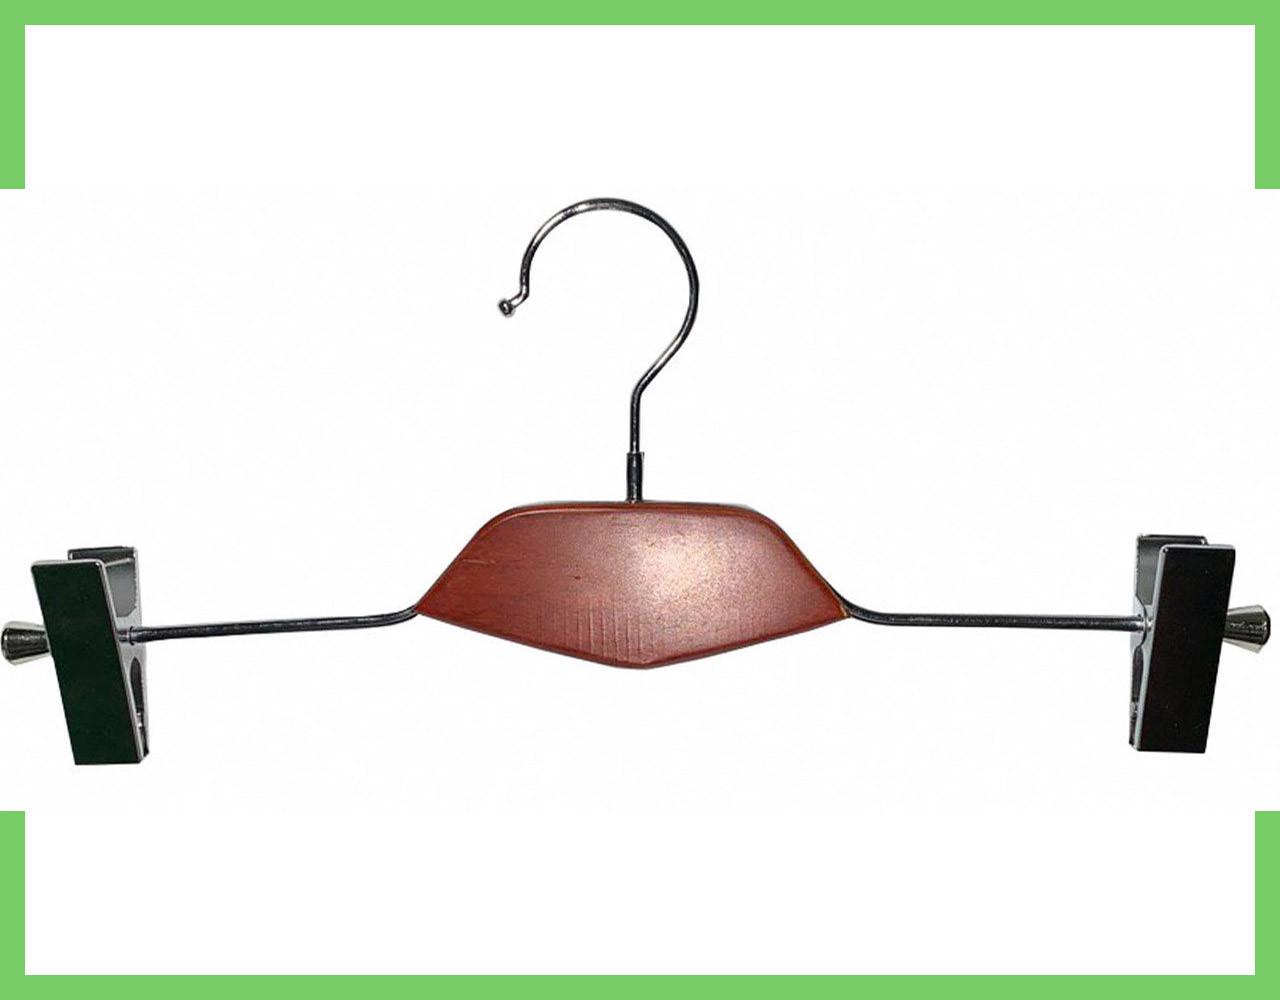 Вешалки плечики тремпеля с деревянной вставкой с прищепками для брюк и юбок, 40 см